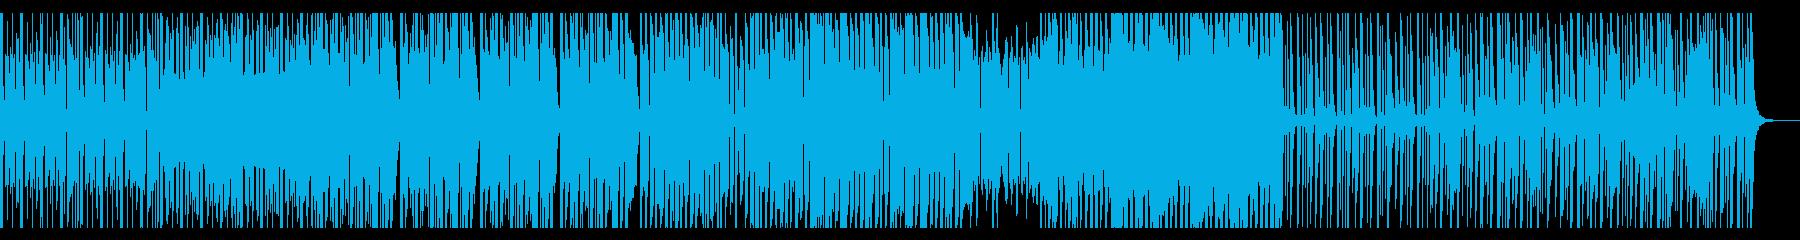 ボイスリードを使った幻想的なエレクトロの再生済みの波形